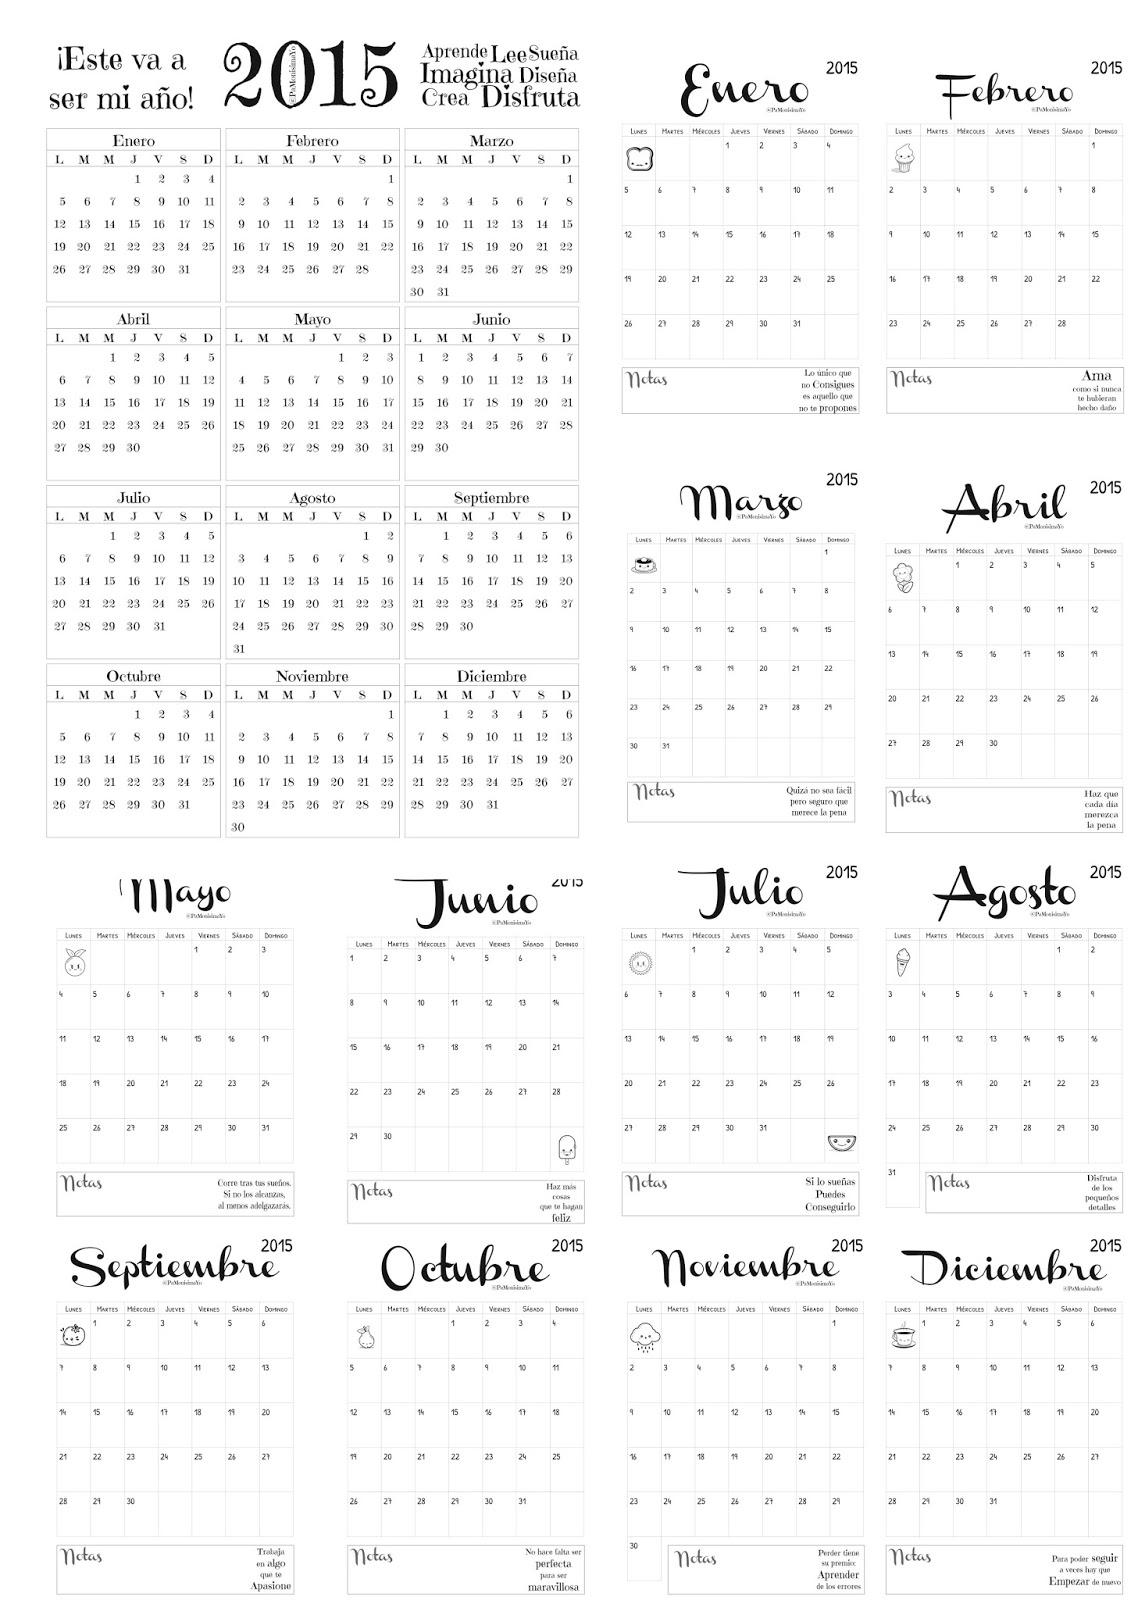 Calendario Mr Wonderful 2015 Pdf Webwinkelvanmeurs